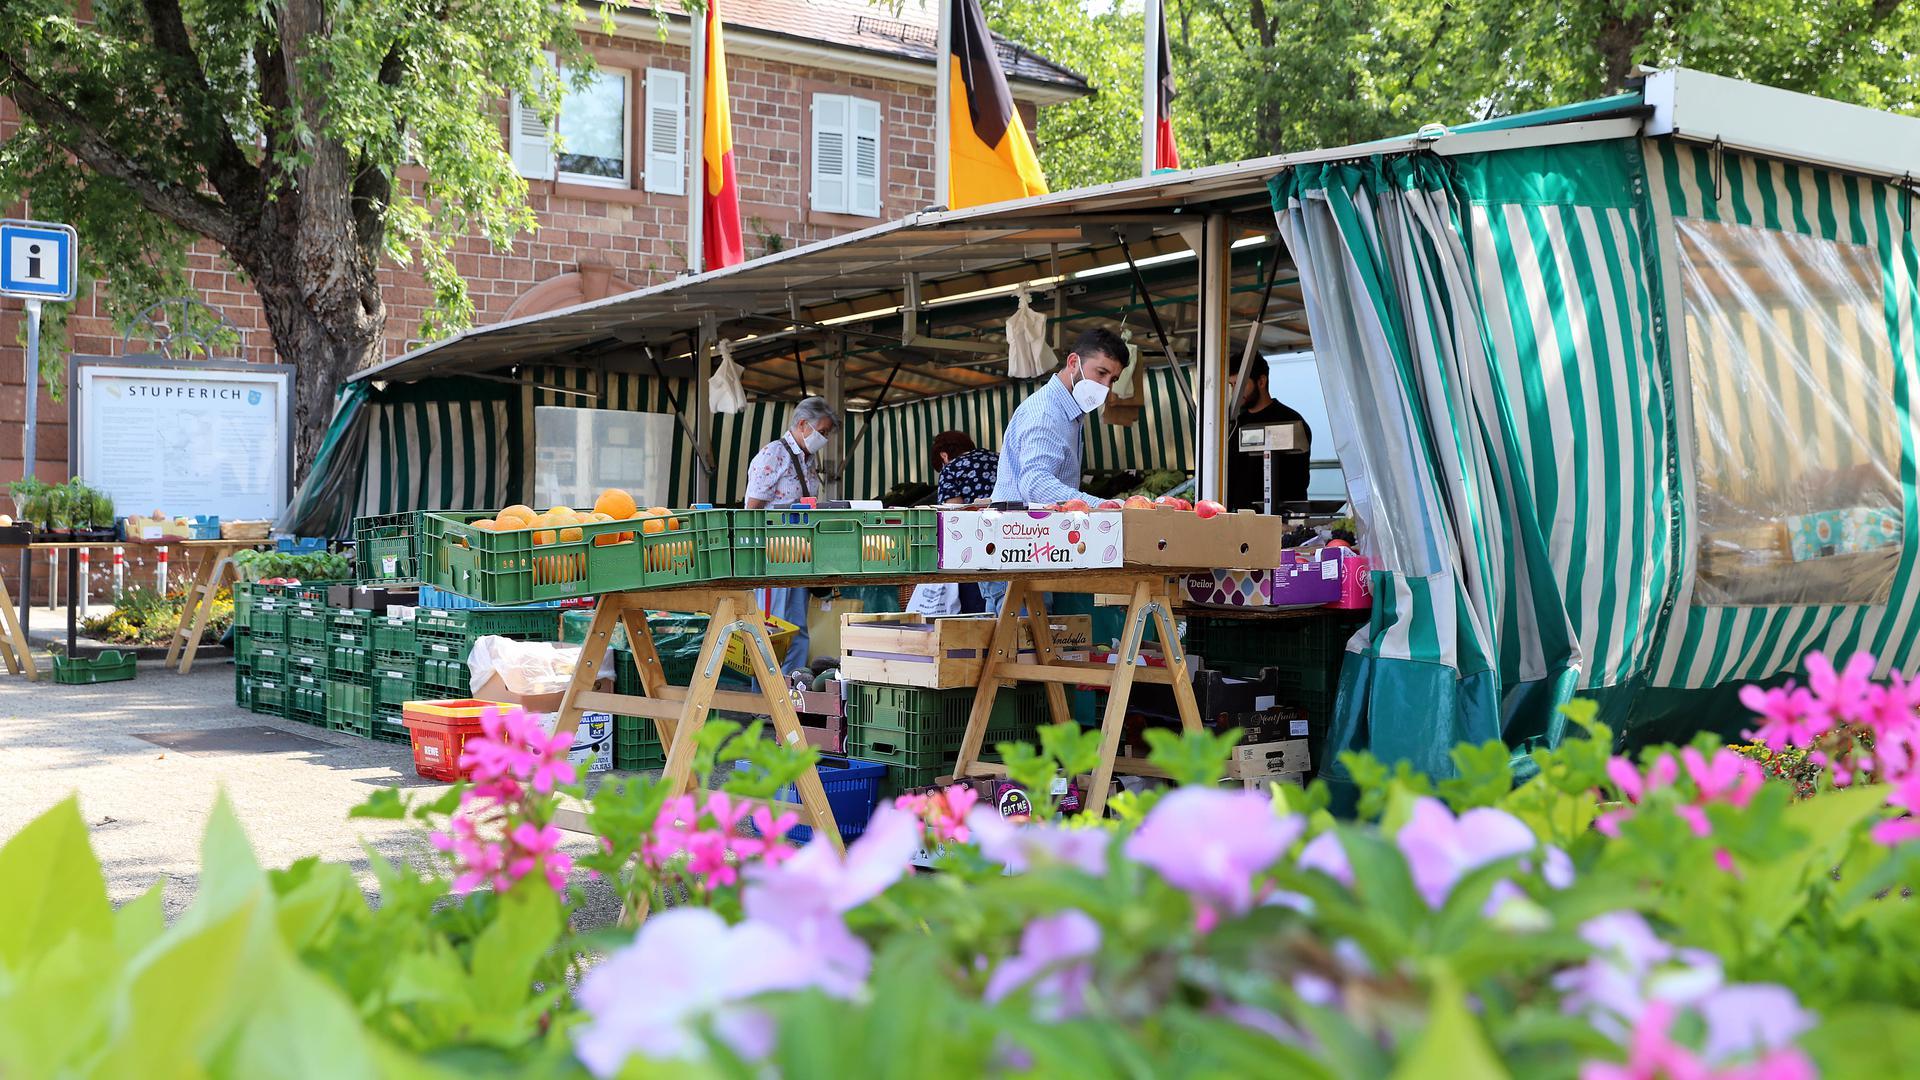 © Jodo-Foto /  Joerg  Donecker// 20.07.2021 Marktstand in Stupferich beim Rathaus / Gemeindezentrum,                                                               -Copyright - Jodo-Foto /  Joerg  Donecker Sonnenbergstr.4  D-76228 KARLSRUHE TEL:  0049 (0) 721-9473285 FAX:  0049 (0) 721 4903368  Mobil: 0049 (0) 172 7238737 E-Mail:  joerg.donecker@t-online.de Sparkasse Karlsruhe  IBAN: DE12 6605 0101 0010 0395 50, BIC: KARSDE66XX Steuernummer 34140/28360 Veroeffentlichung nur gegen Honorar nach MFM zzgl. ges. Mwst.  , Belegexemplar und Namensnennung. Es gelten meine AGB.